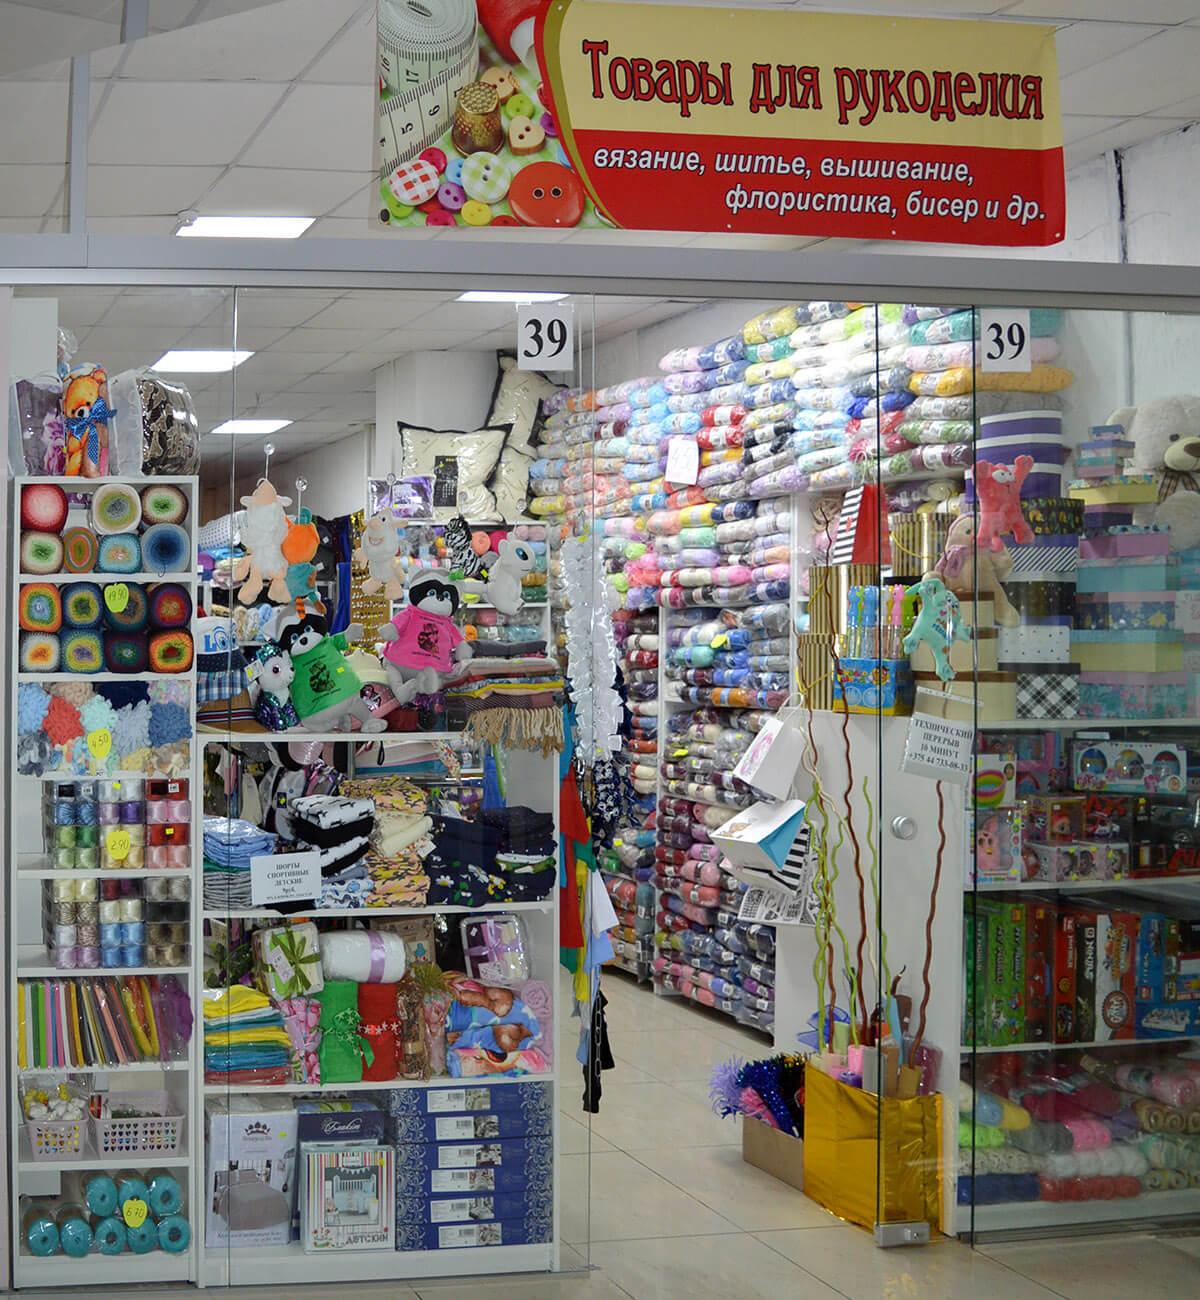 магазин «Товары для рукоделия» на -0-м (цокольном) этаже, в павильоне №39